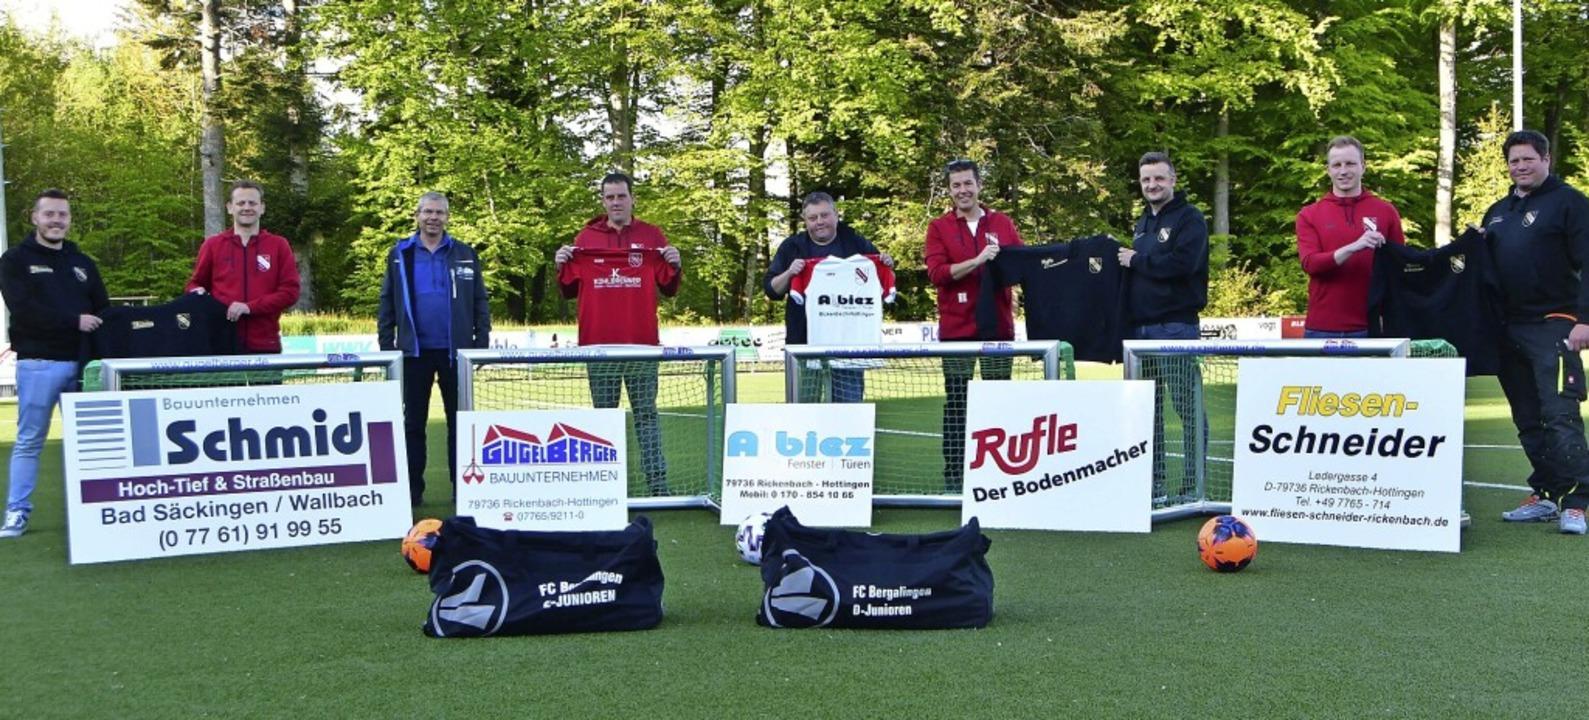 Sponsoren und Vereinsvertreter des FC ...Andreas Keller und Sascha Schneider.      Foto: Matthias Scheibengruber